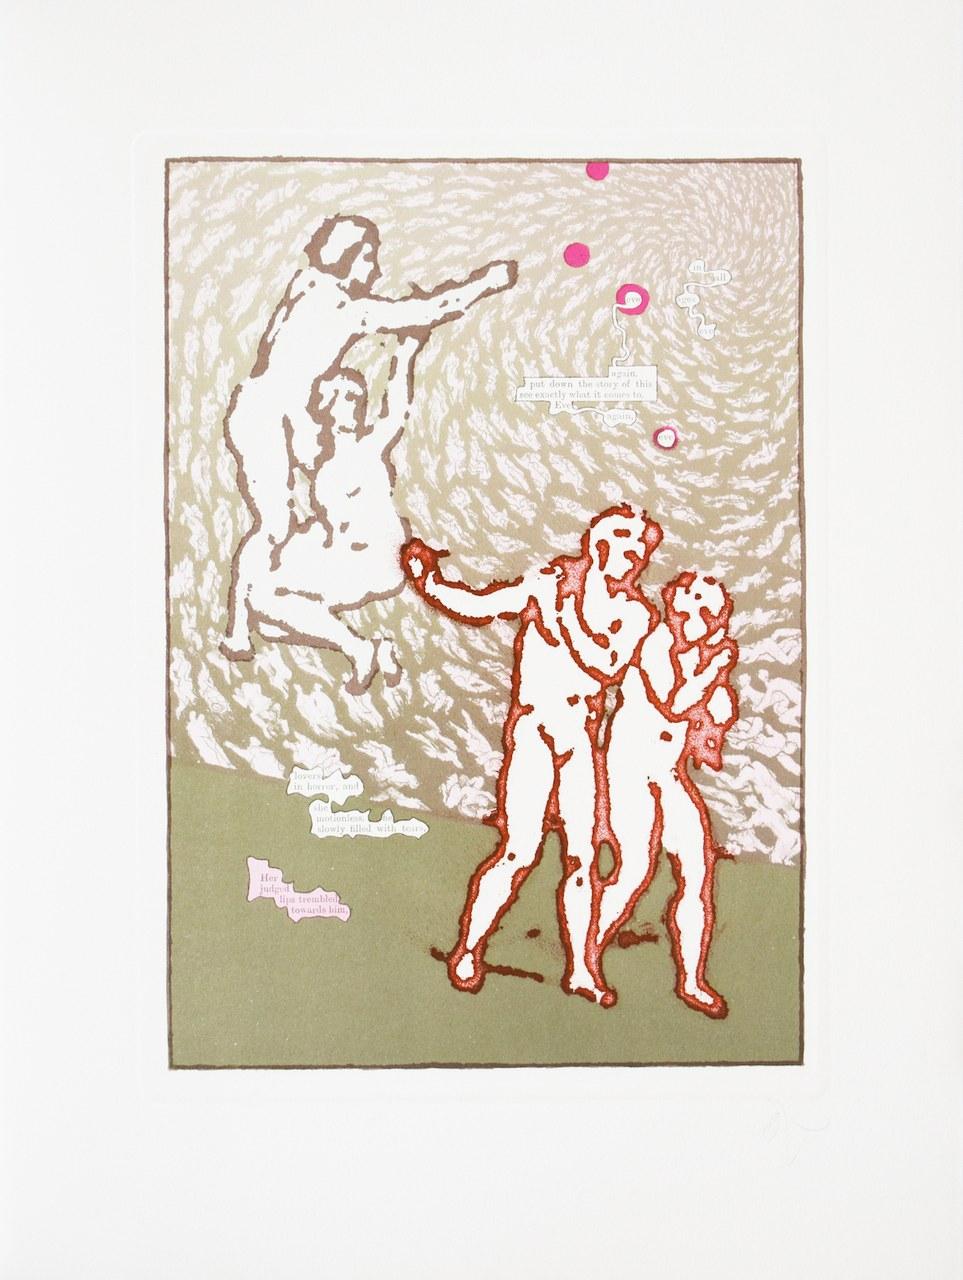 fig. 8 Tom Phillips, Canto V/4, illustrazione perDante's Inferno.The First Part of the Divine Comedy of Dante Alighieri, London, Talfourd Press, 1983